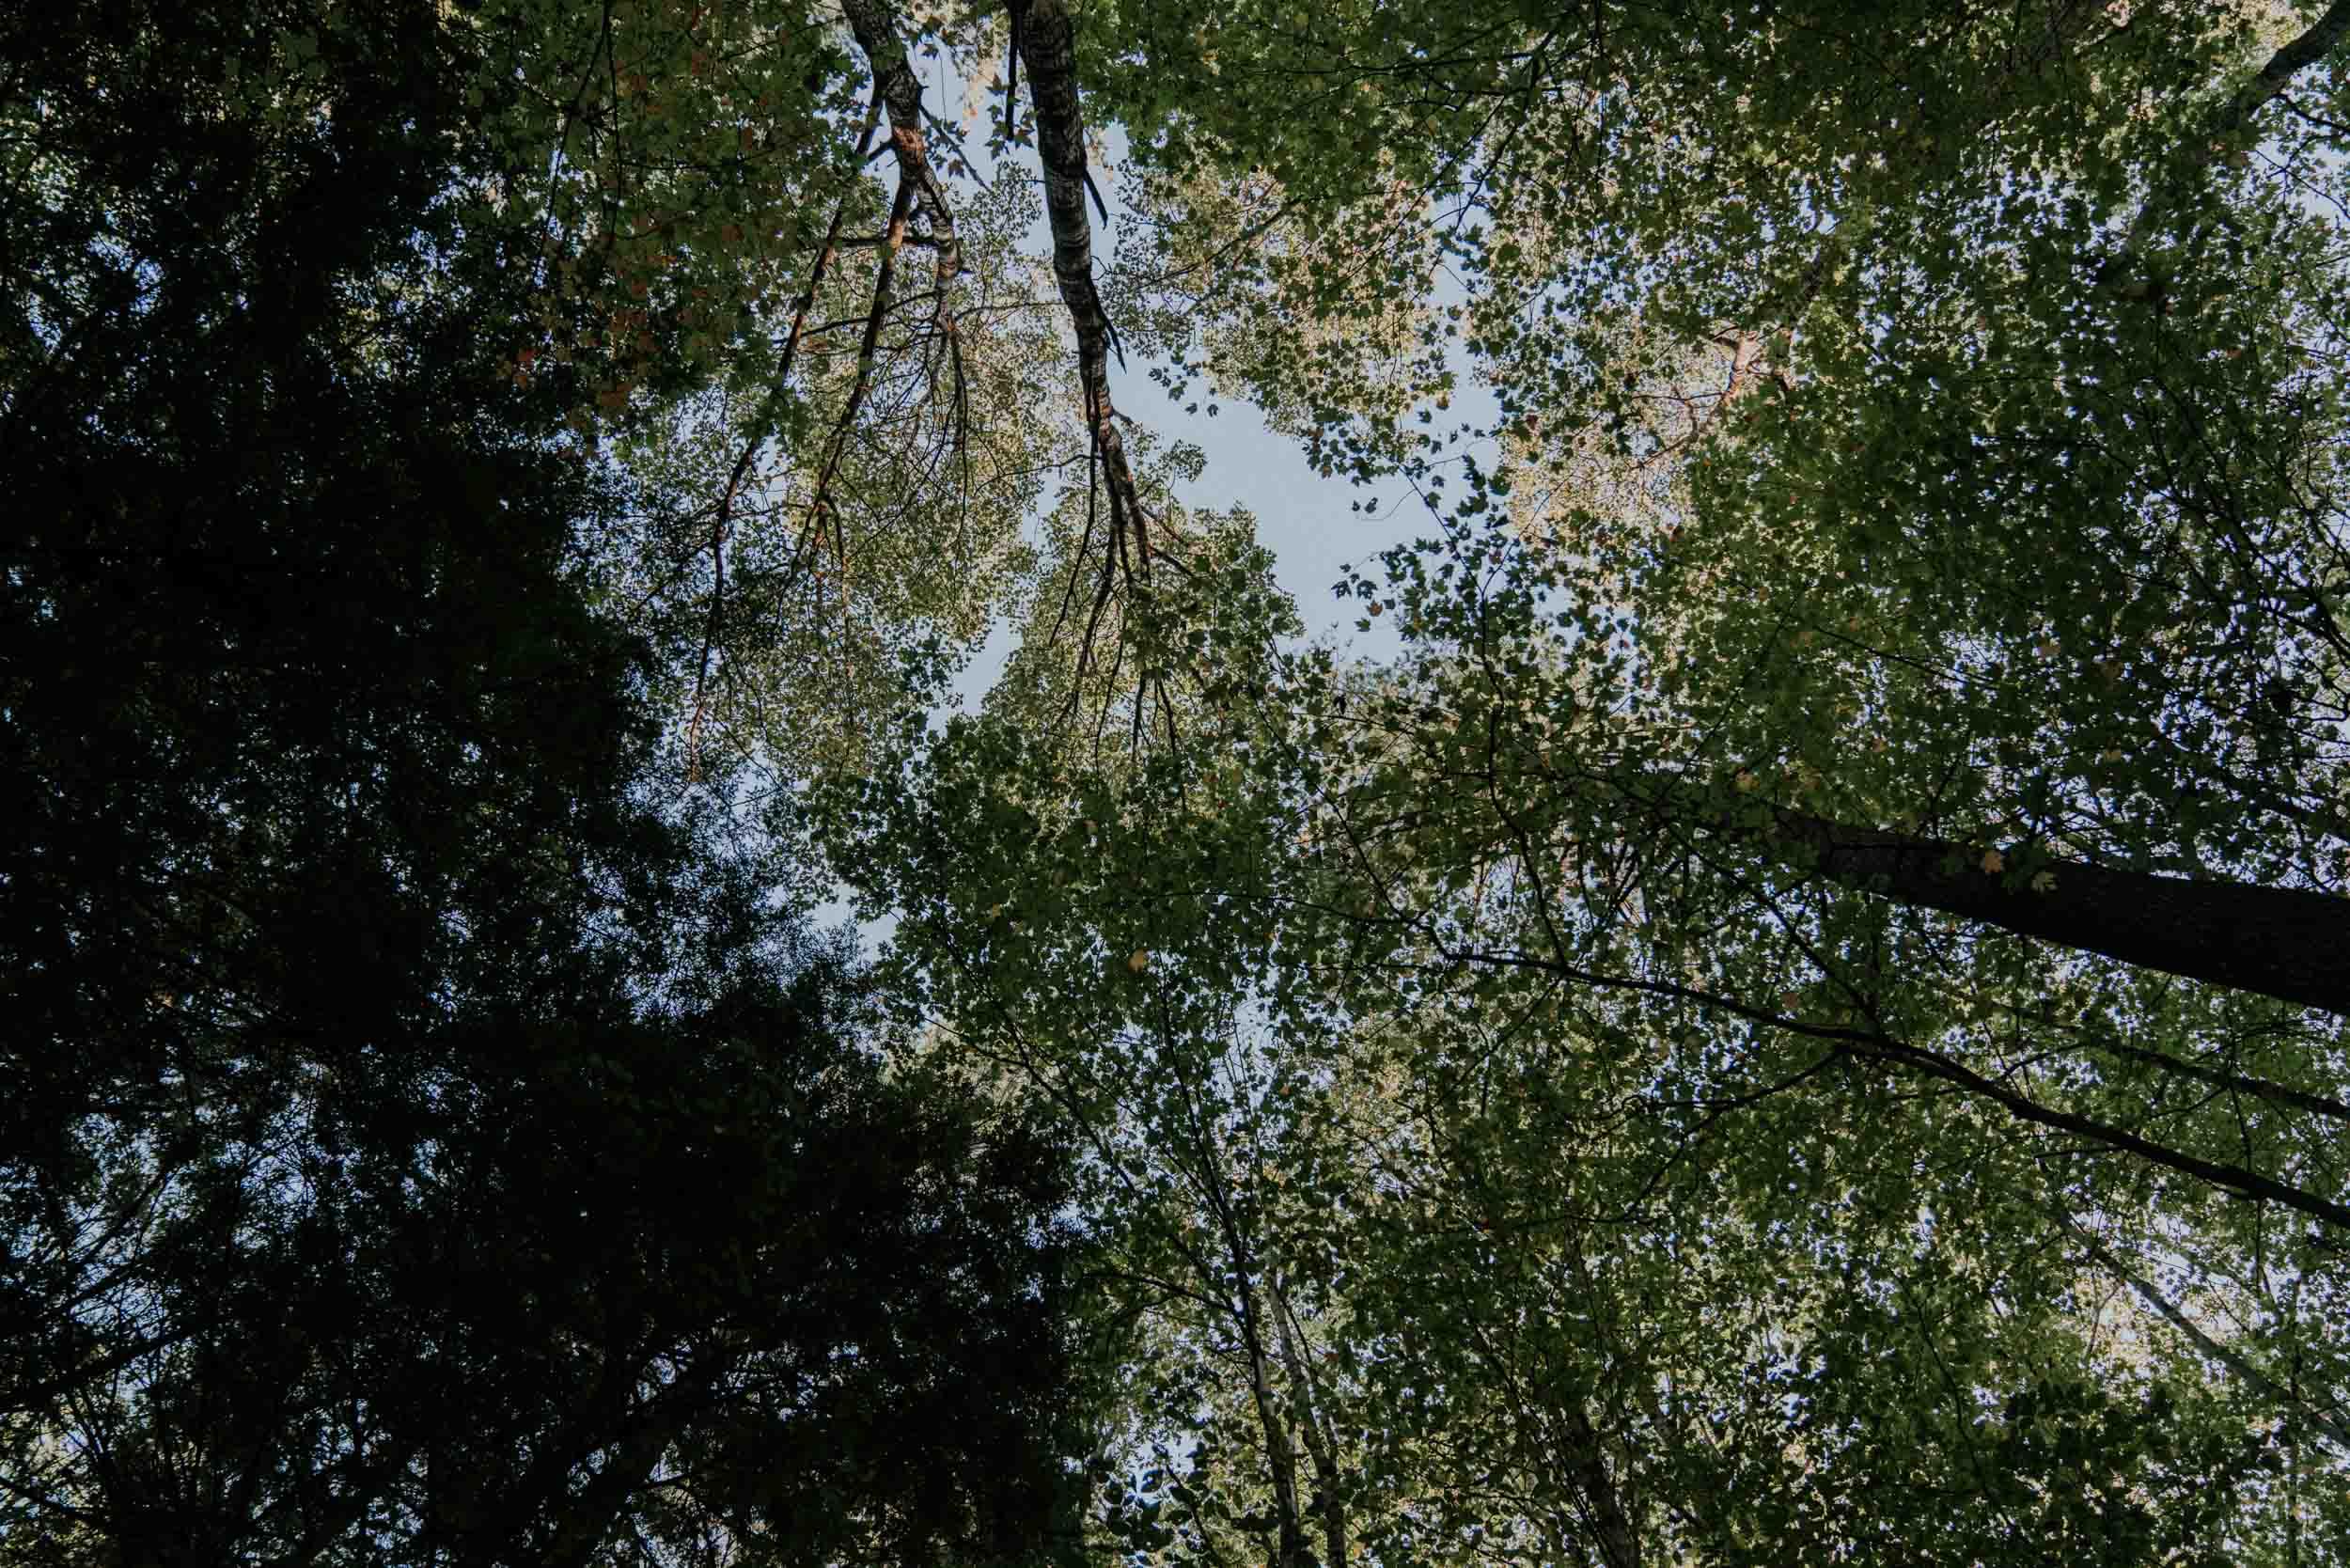 Bledsoe vermont Elopement-114.jpg